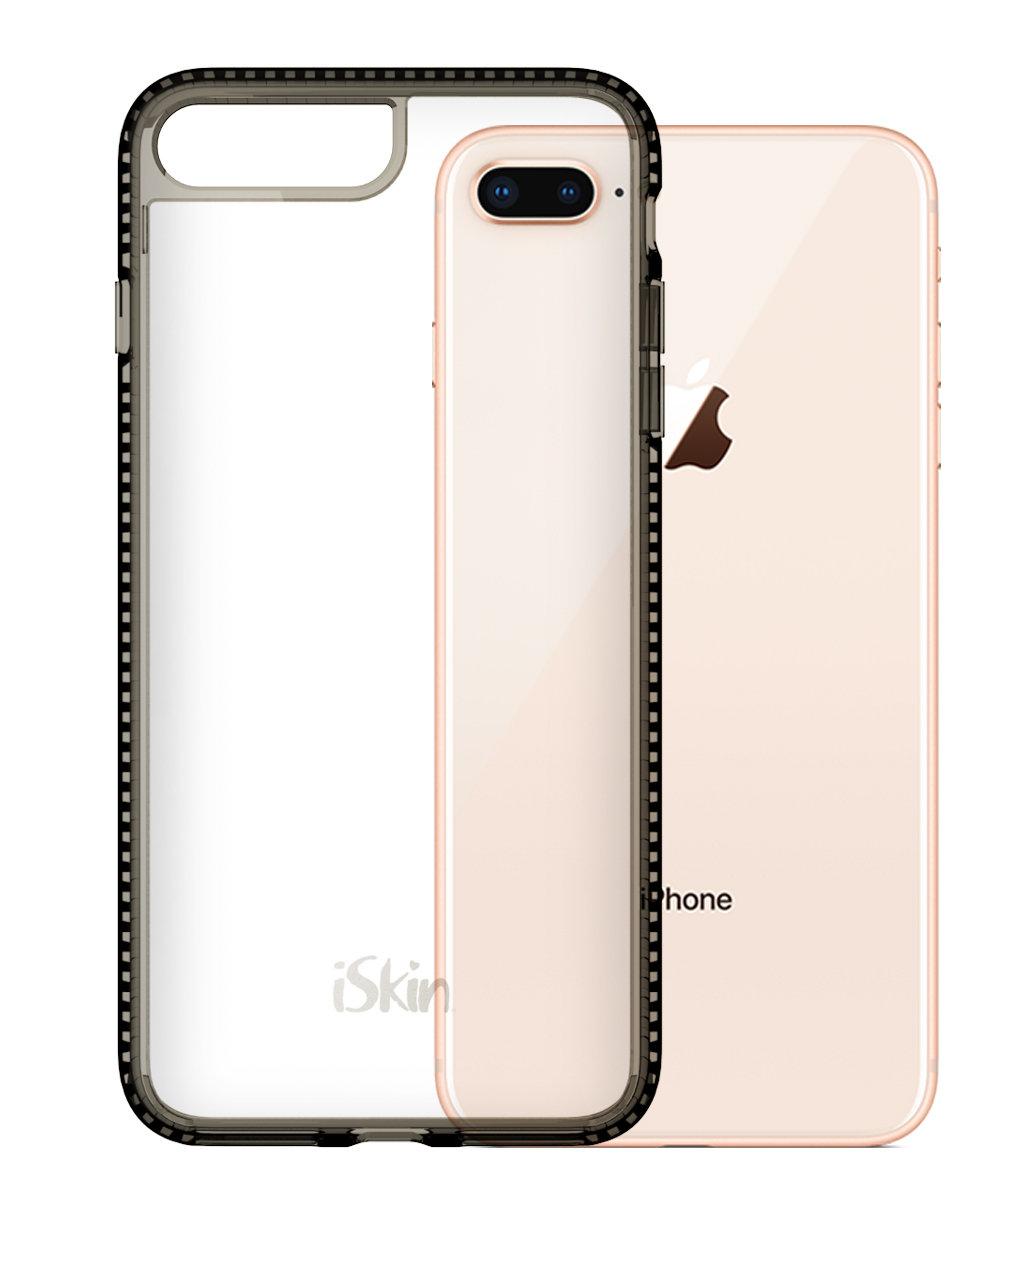 Claro for iPhone 8 Plus   iskin